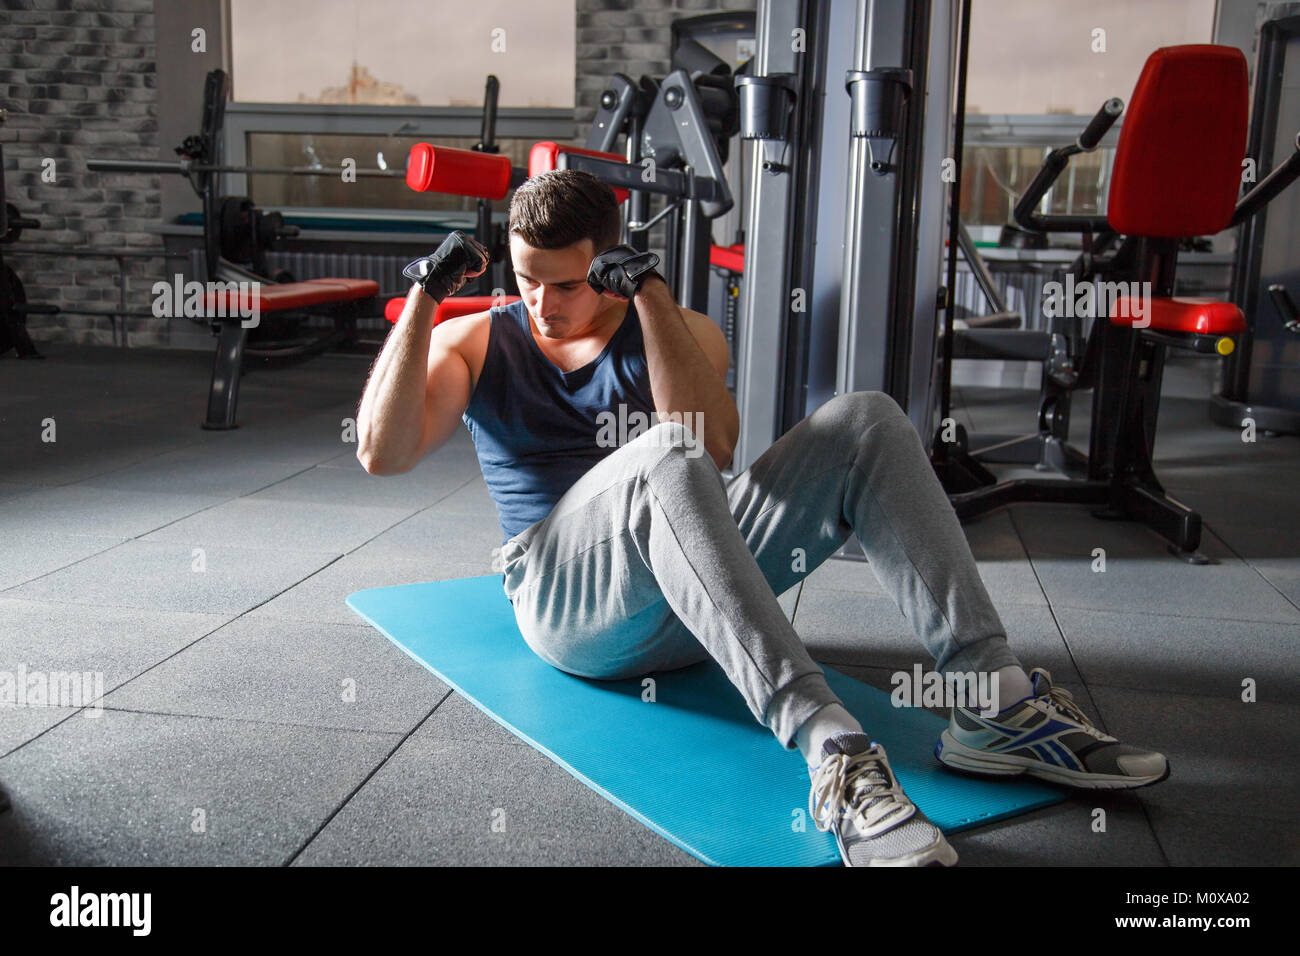 Passen mann Training abs Muskeln situp crunches Körpergewicht ...